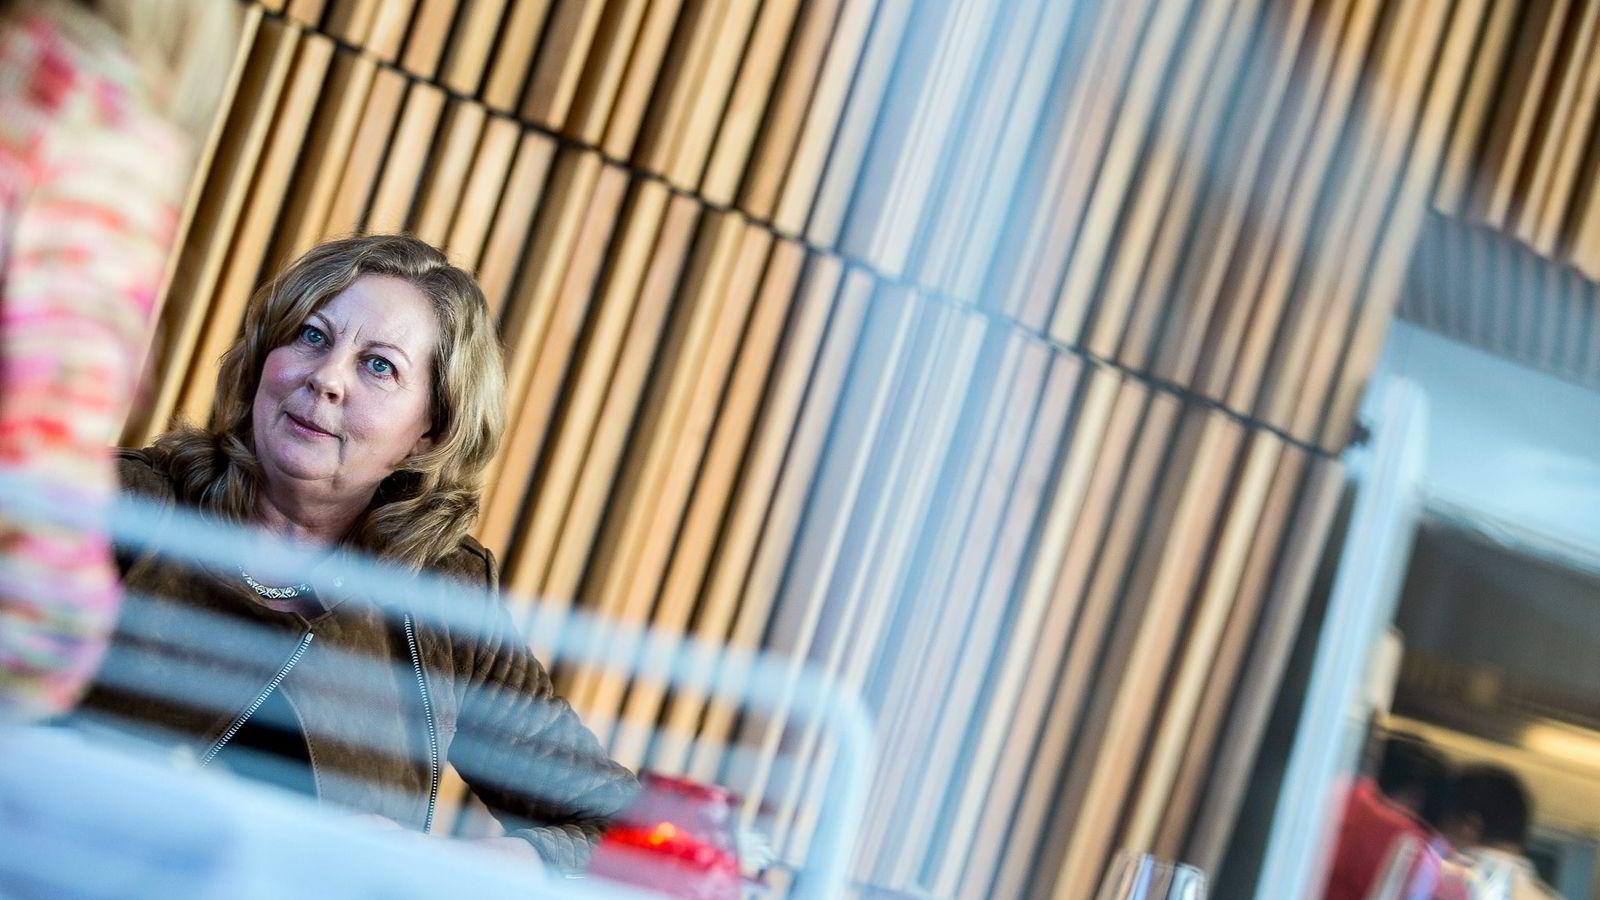 – Strålefrykten misbrukes, sier Berit Svendsen, administrerende direktør i Telenor Norge.